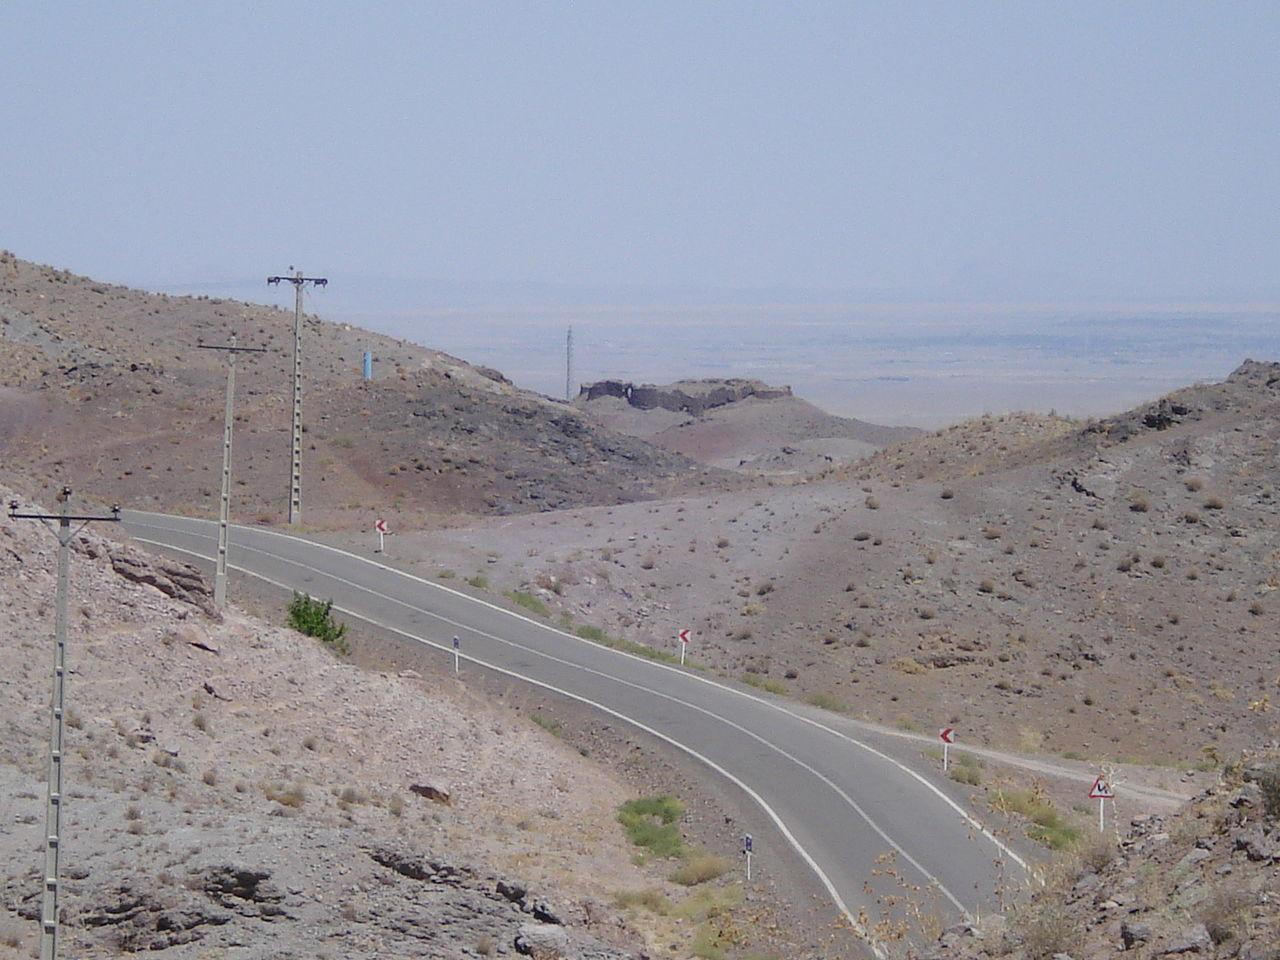 سفر به روستای پر رمز و راز شهرستان گناباد/ تصاویری زیبا از قلعه شهاب